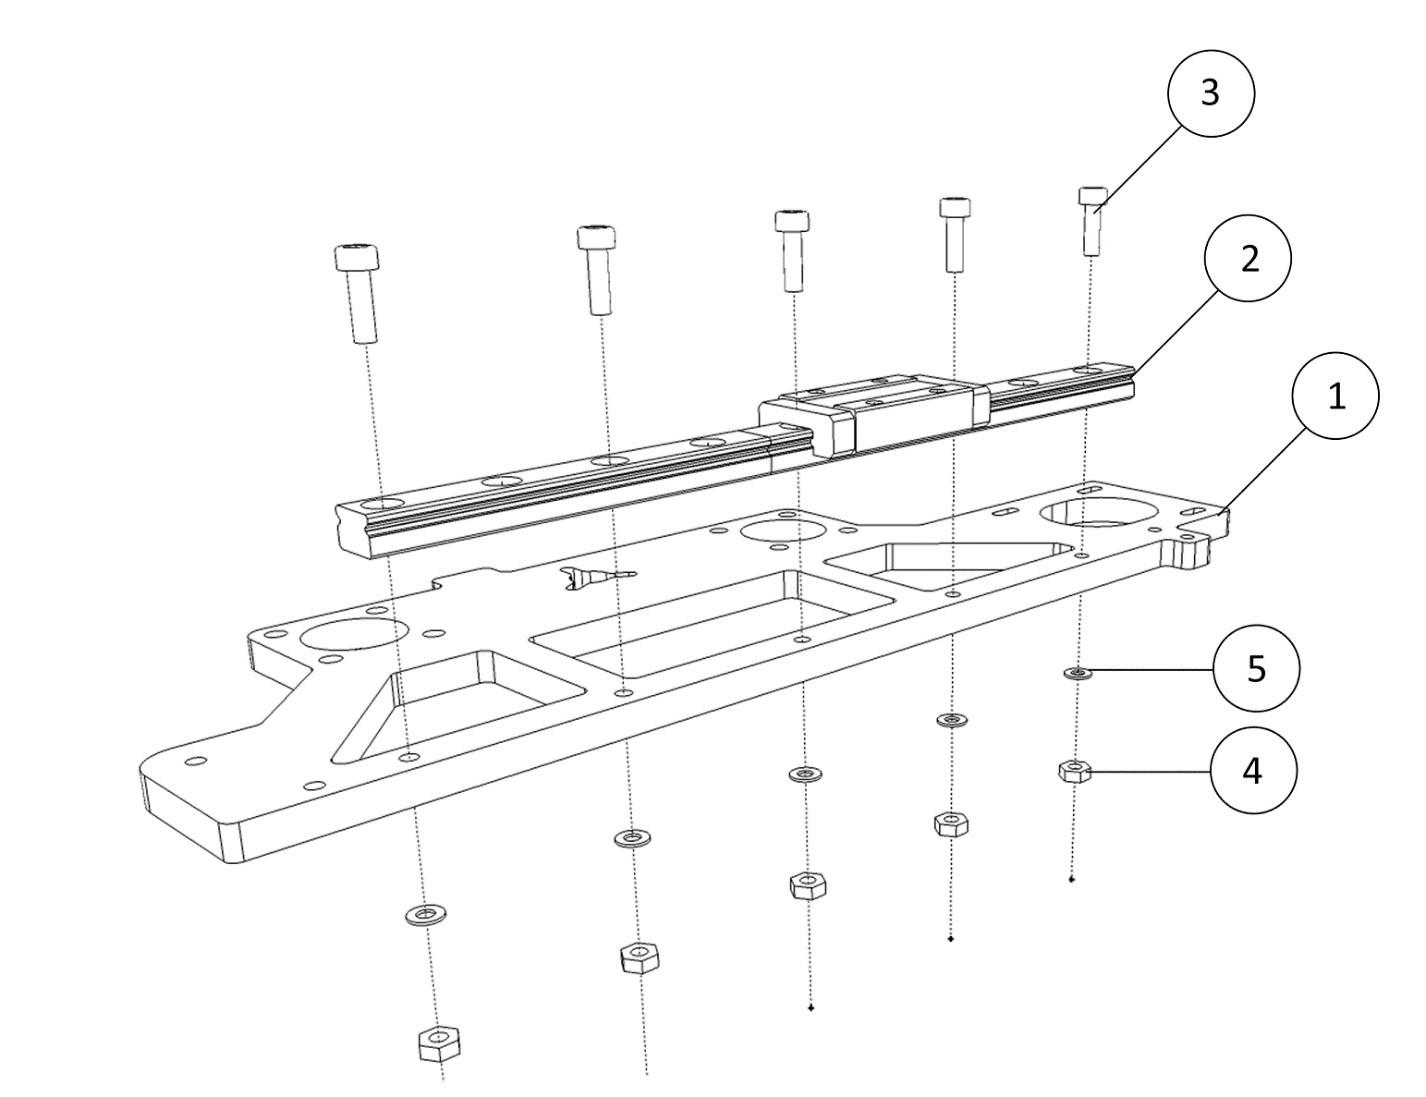 Инструкция по сборке 3D принтера Prism Uni(часть 1-механика) - 1